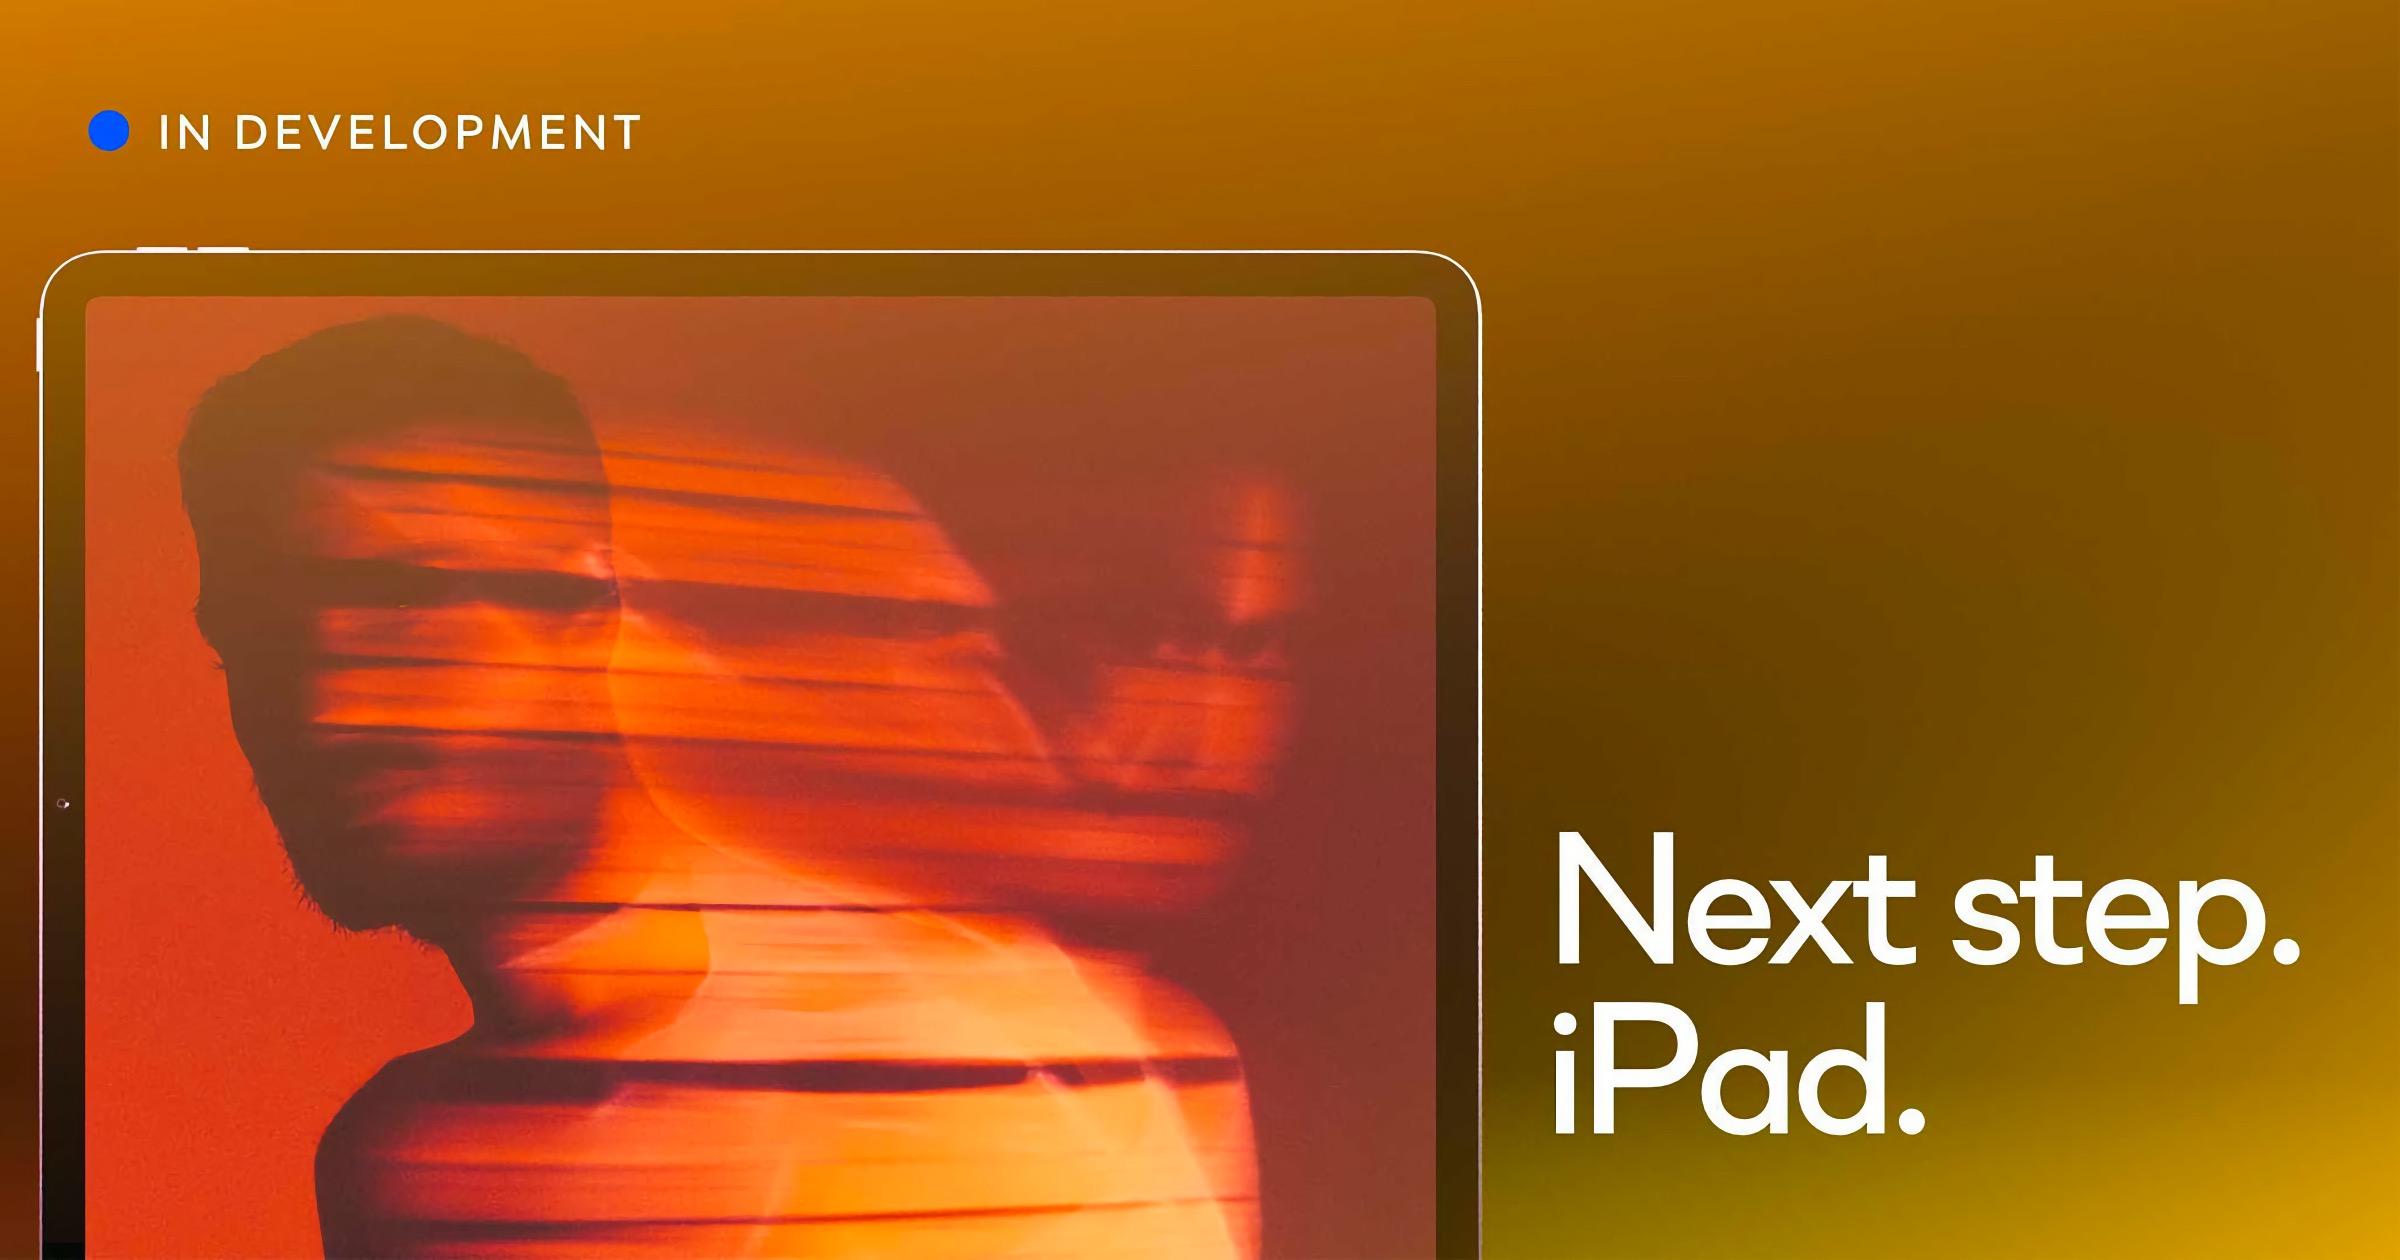 Capture one on iPad 2022